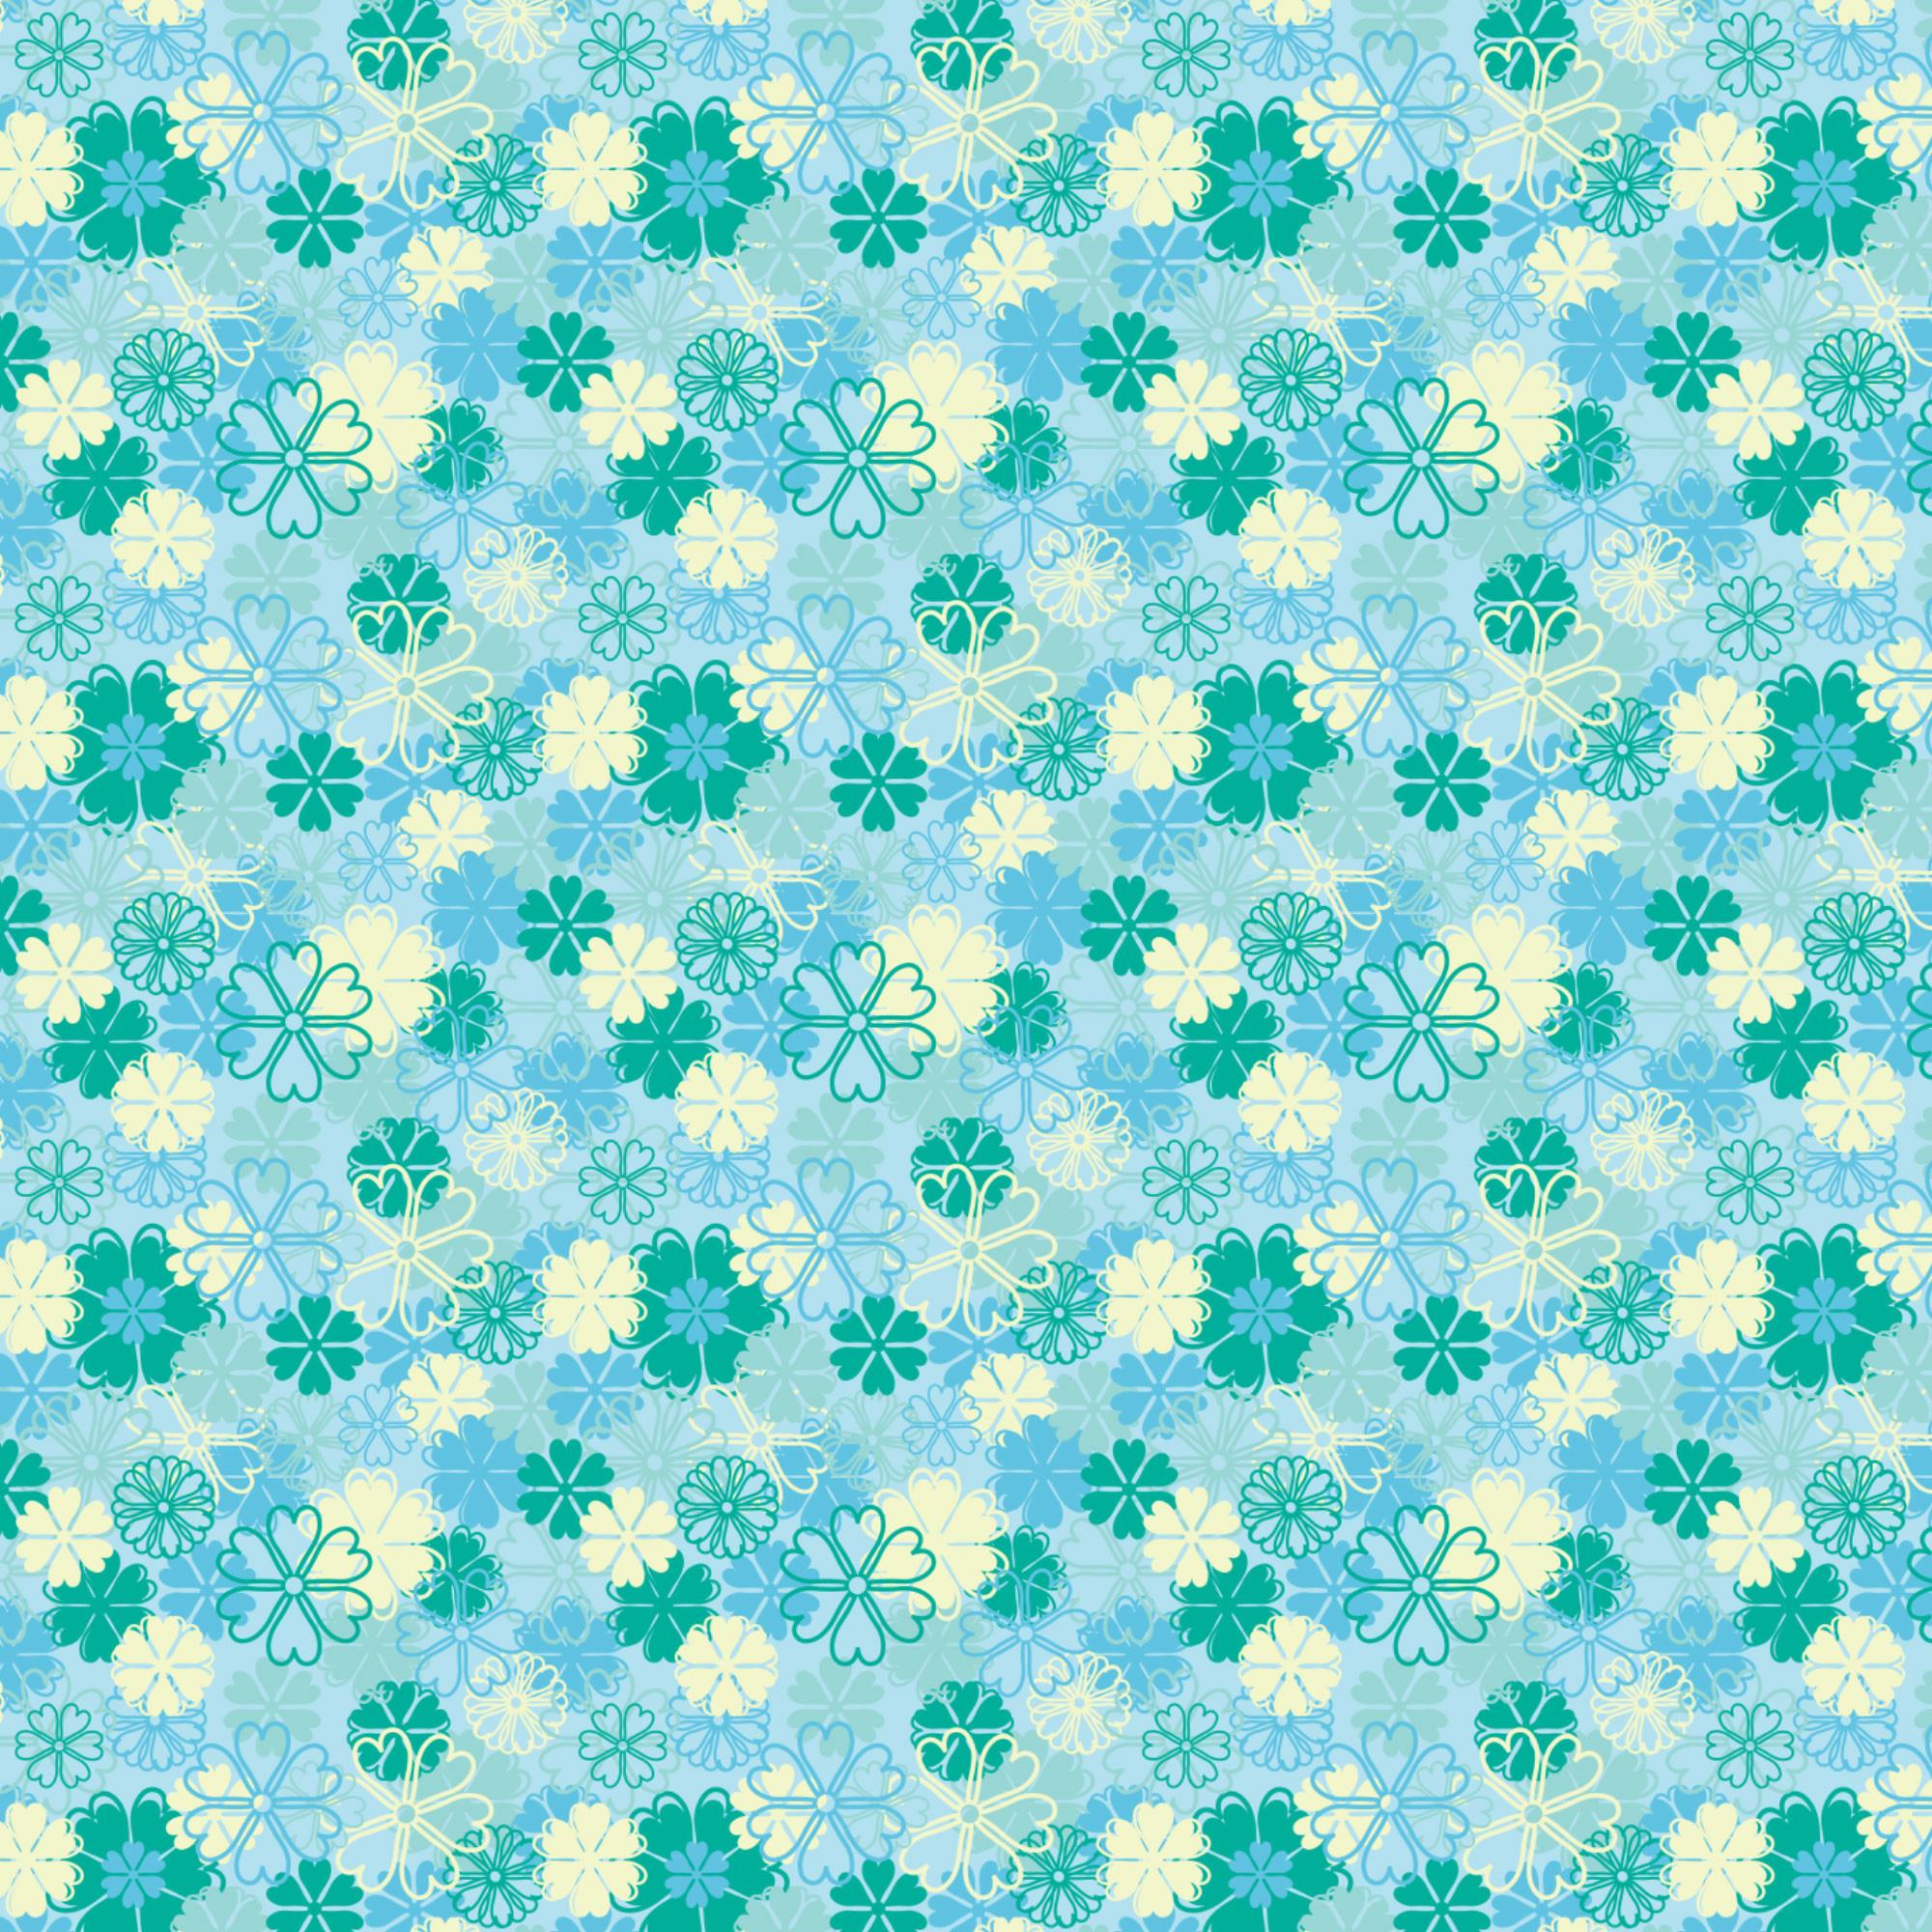 blue floral background 183��